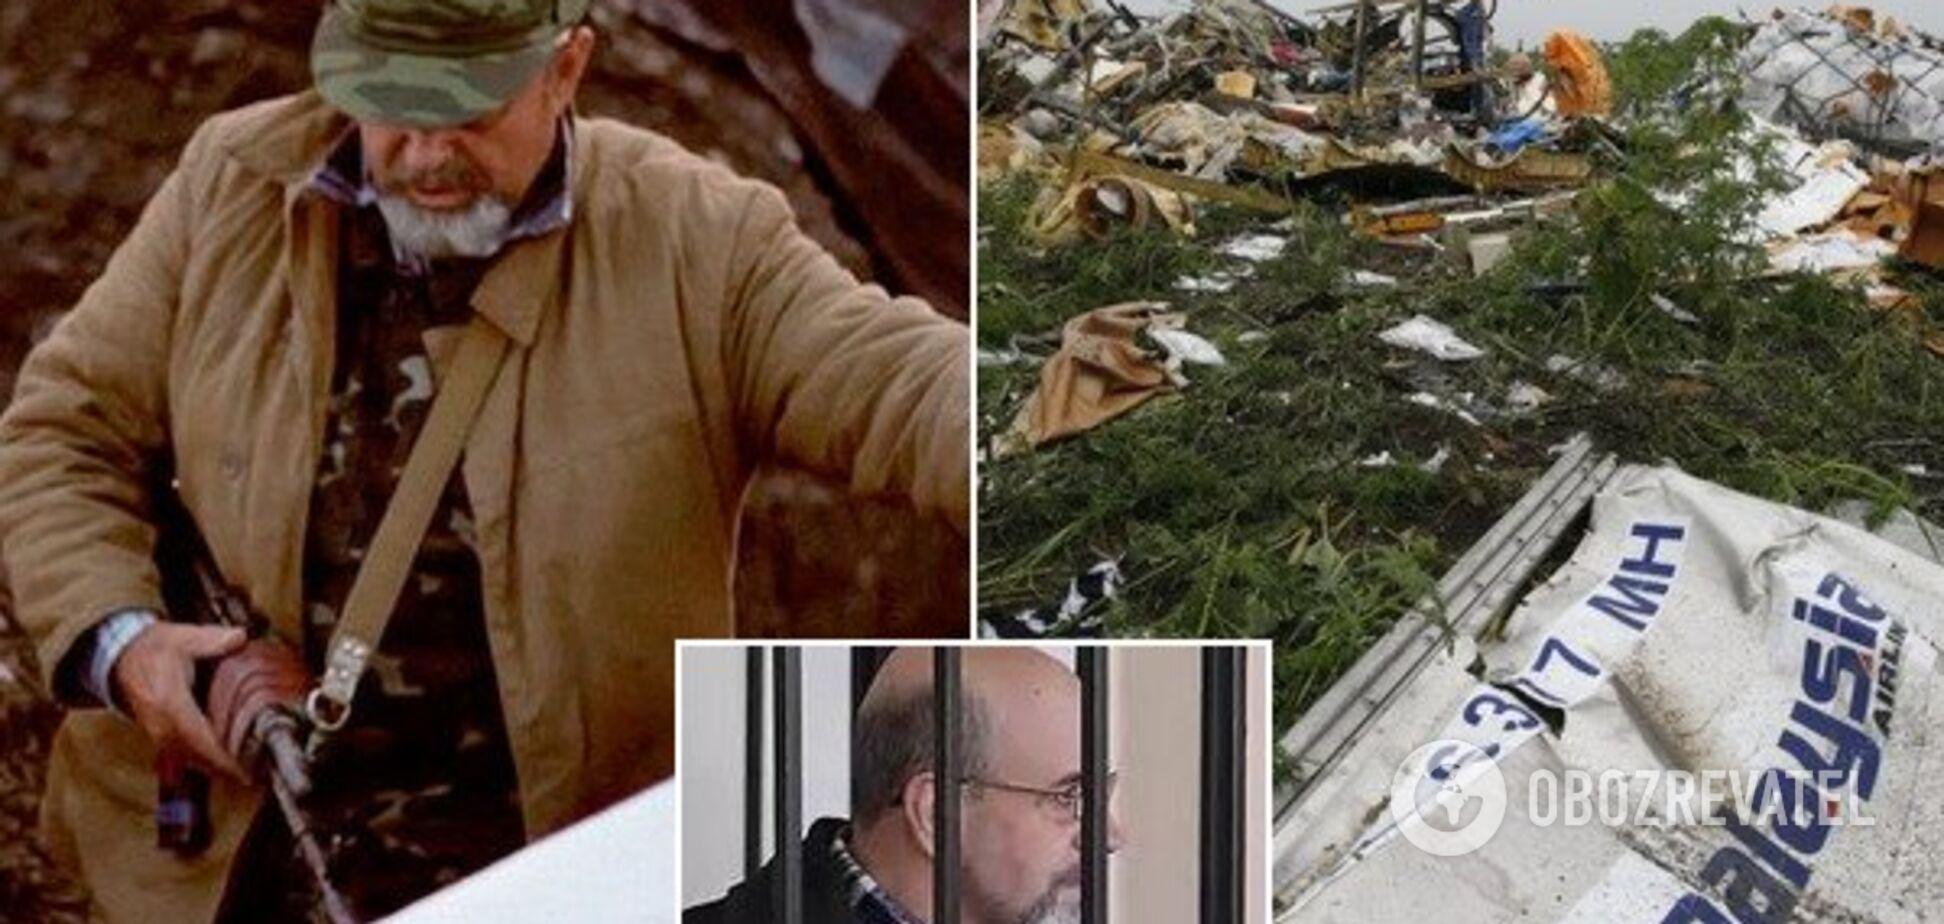 Работал за мисочку супа: что известно об освобожденном террористе, причастном к катастрофе МН17